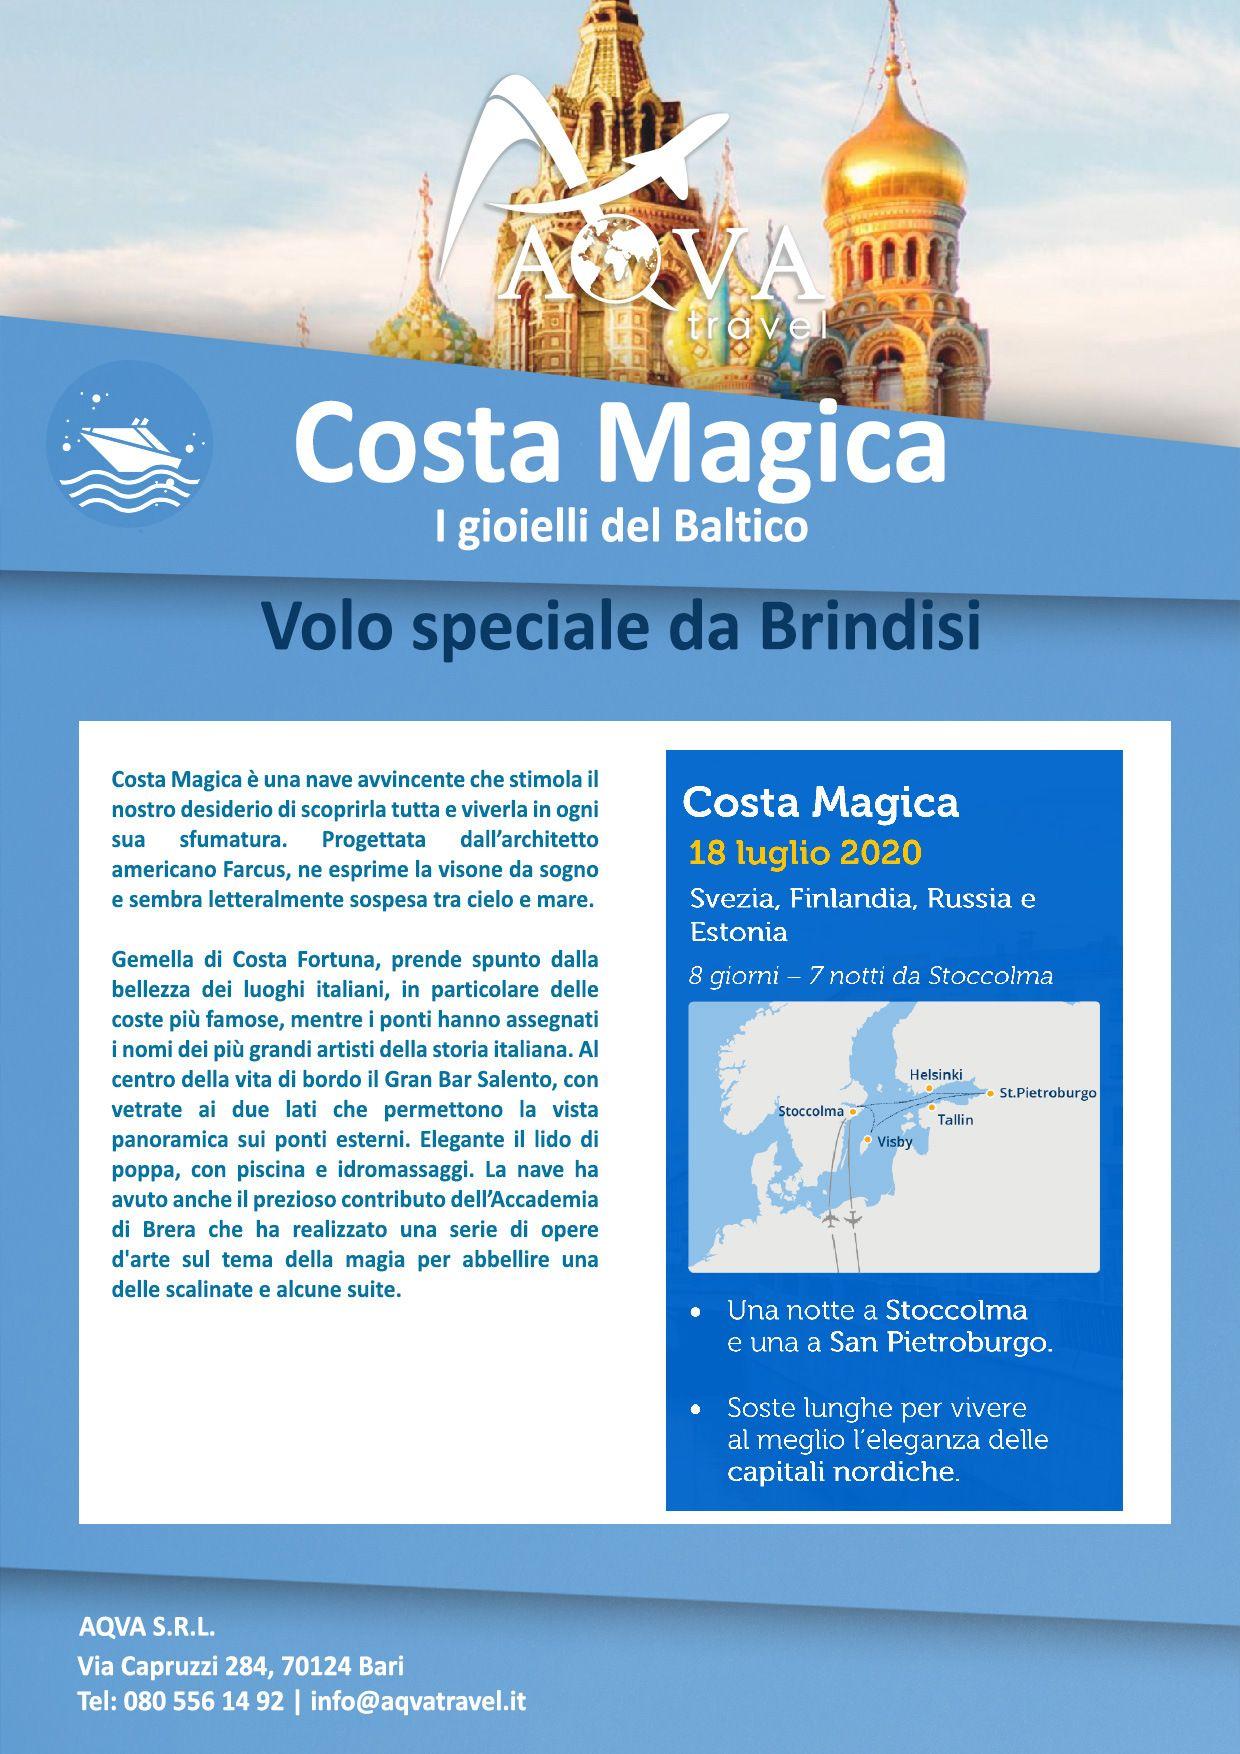 Costa-Magica-Crociera-offerte-agenzia-di-viaggi-Bari-AQVATRAVEL-it